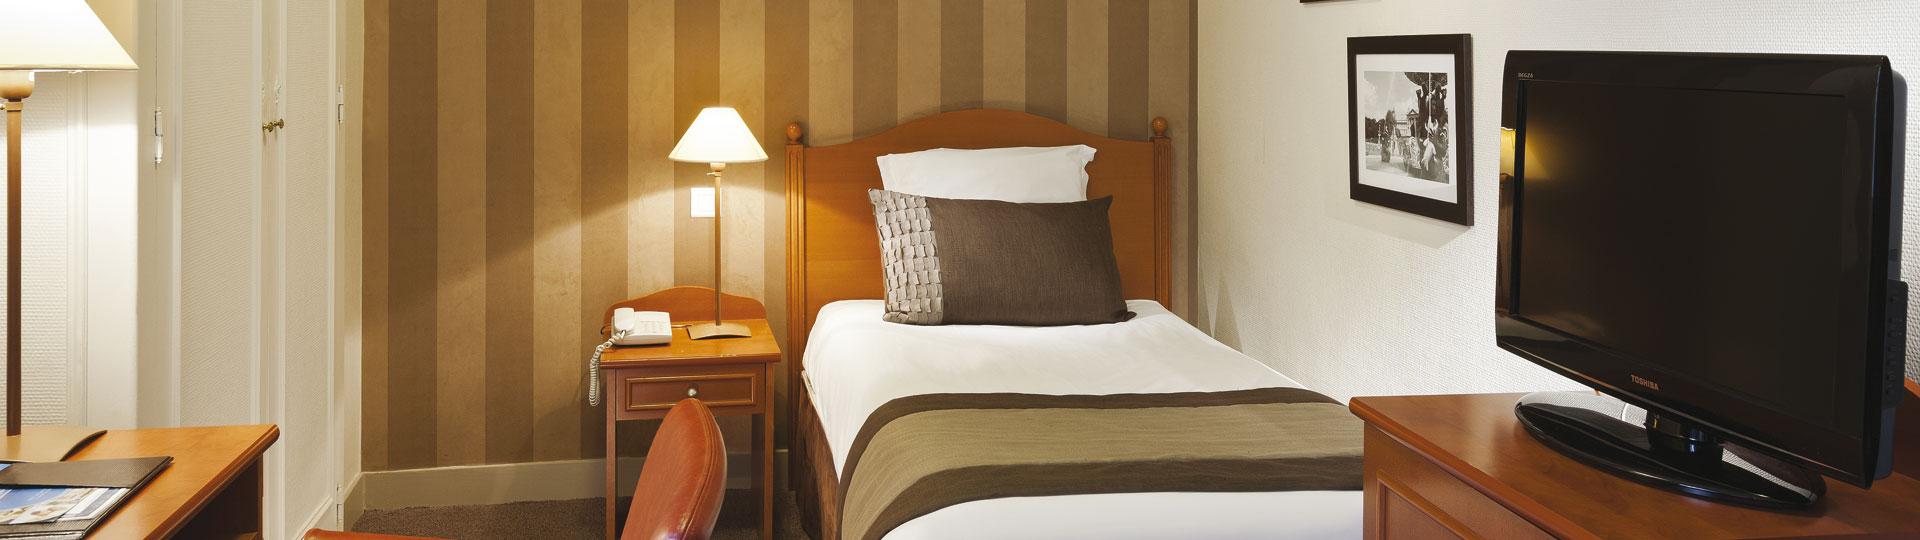 Chambre simple hôtel 3 étoiles paris